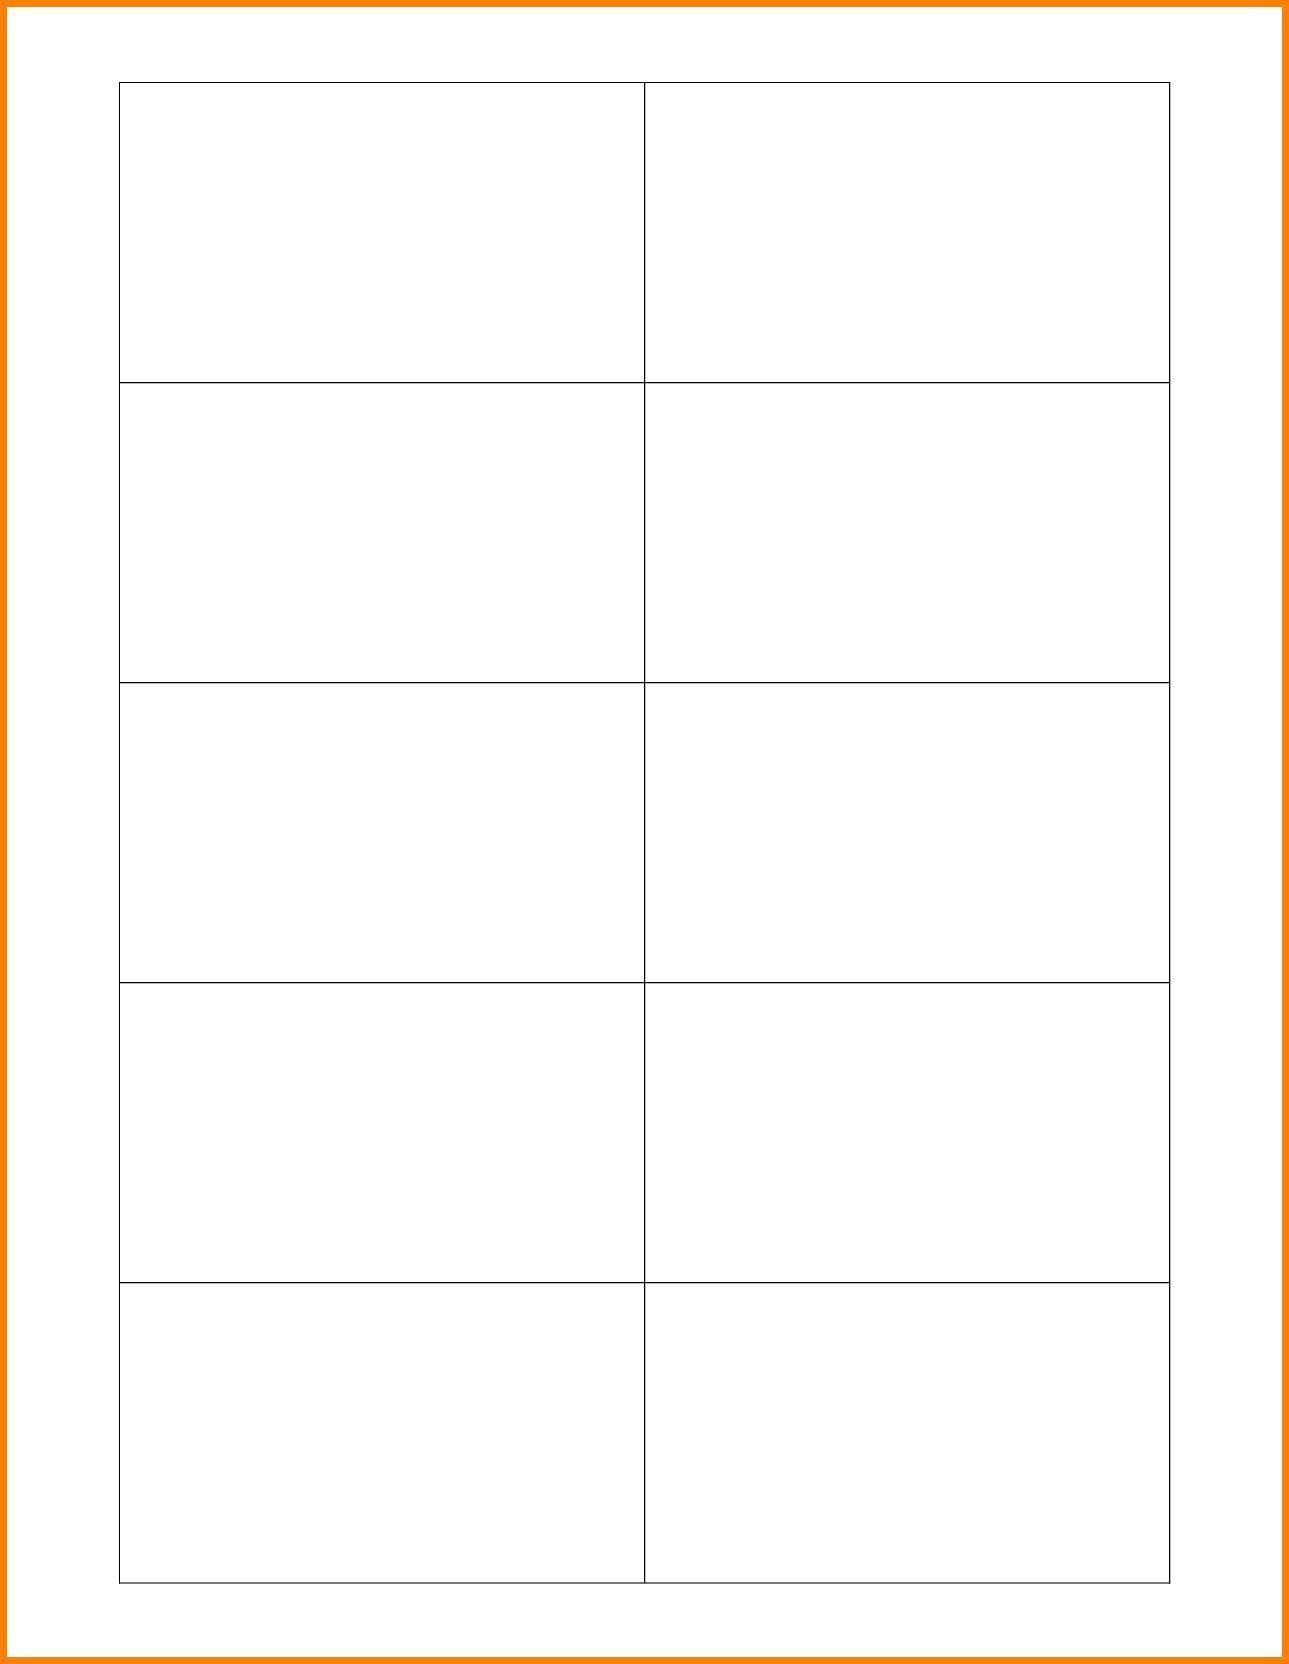 005 Unusual Free Simple Busines Card Template Word Sample Full